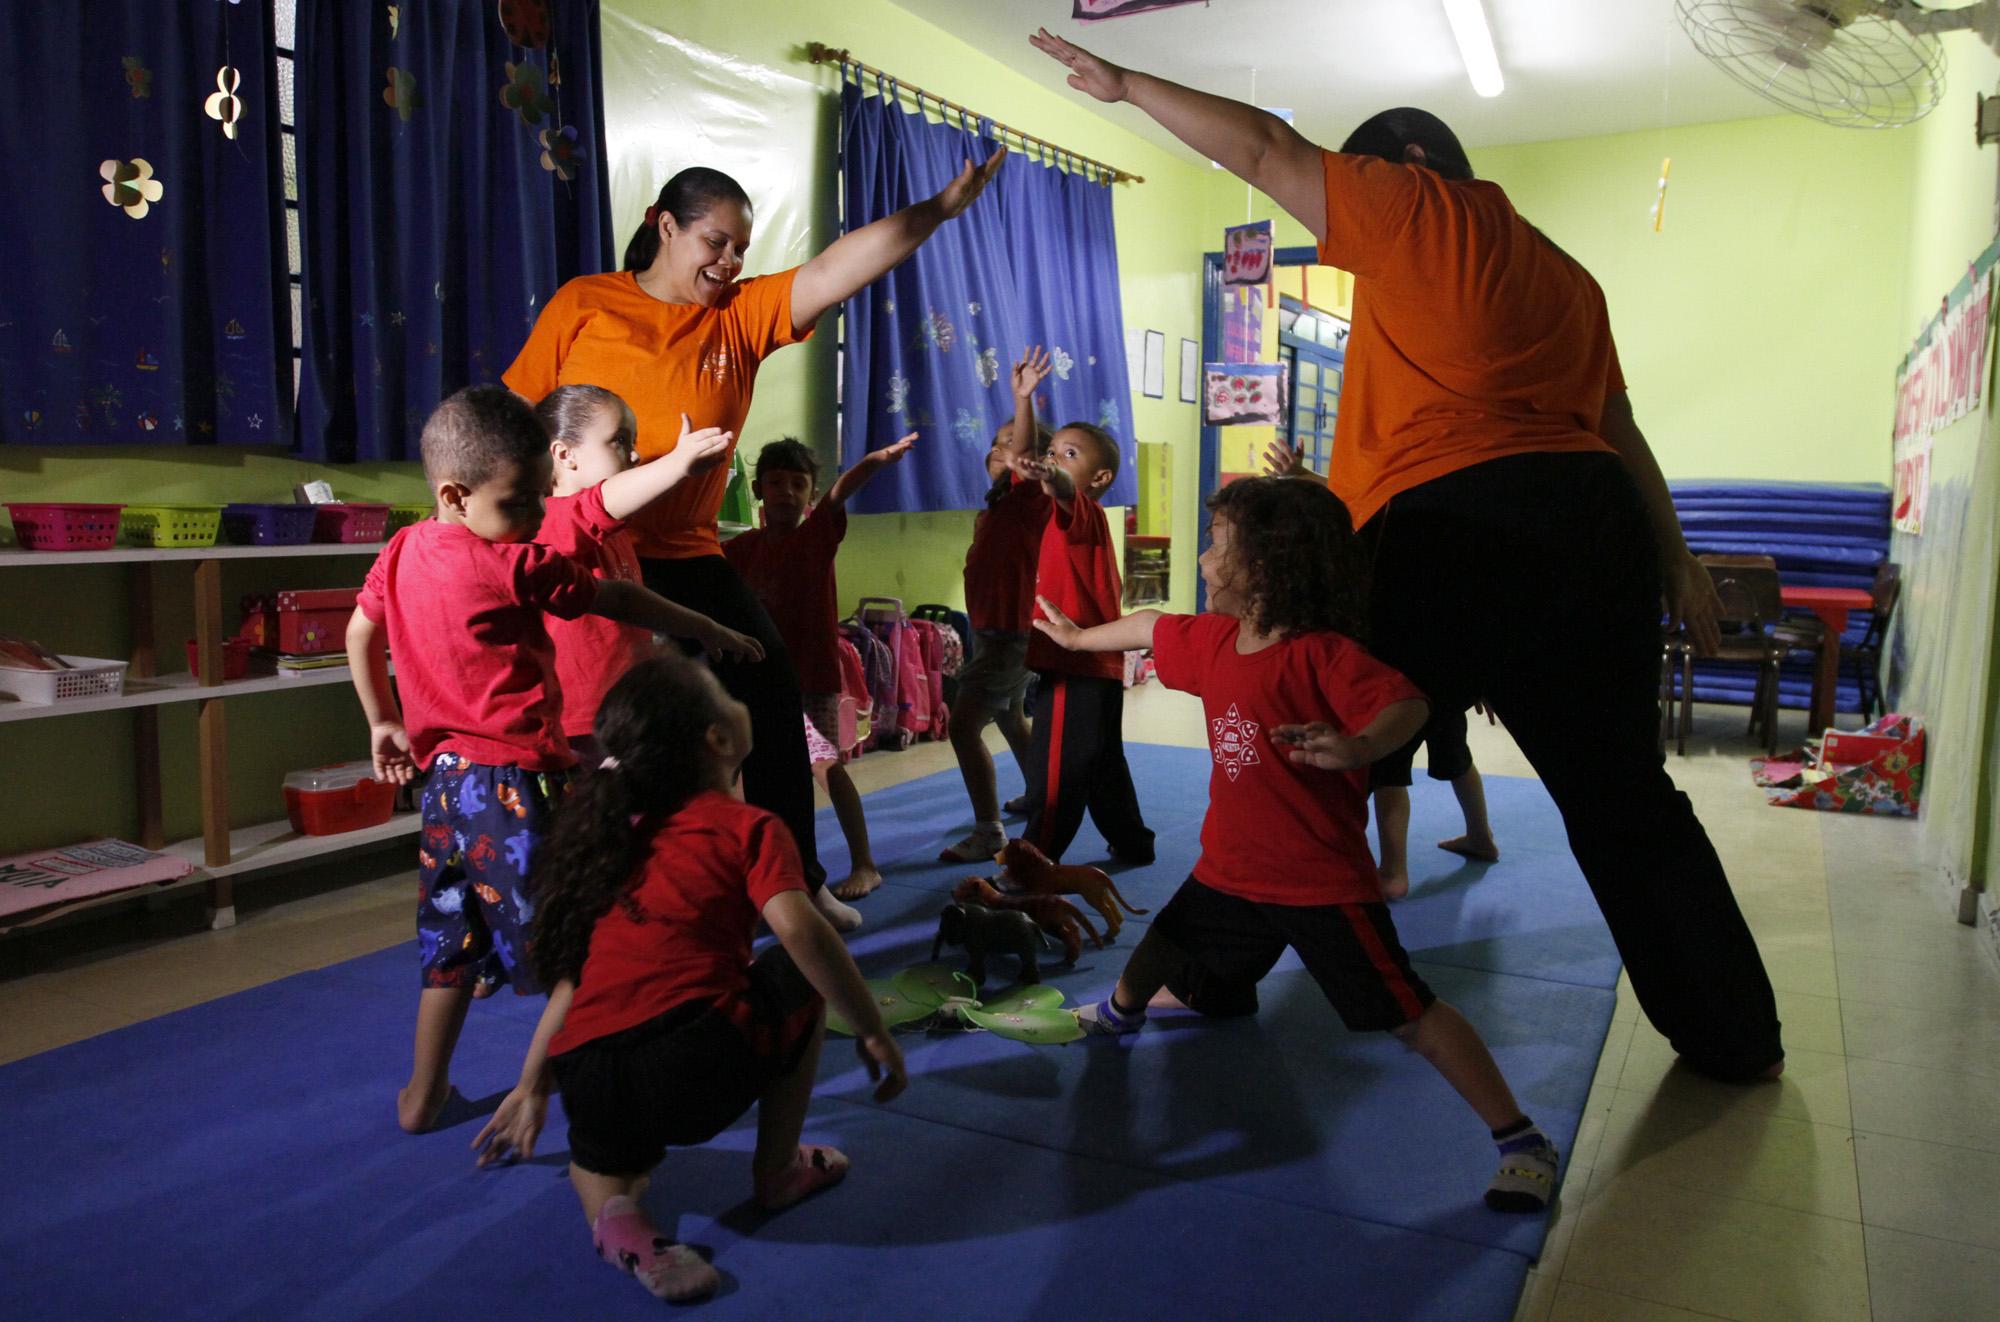 Creche pública em SP tem sessões de massagem shantala e dieta lactovegetariana